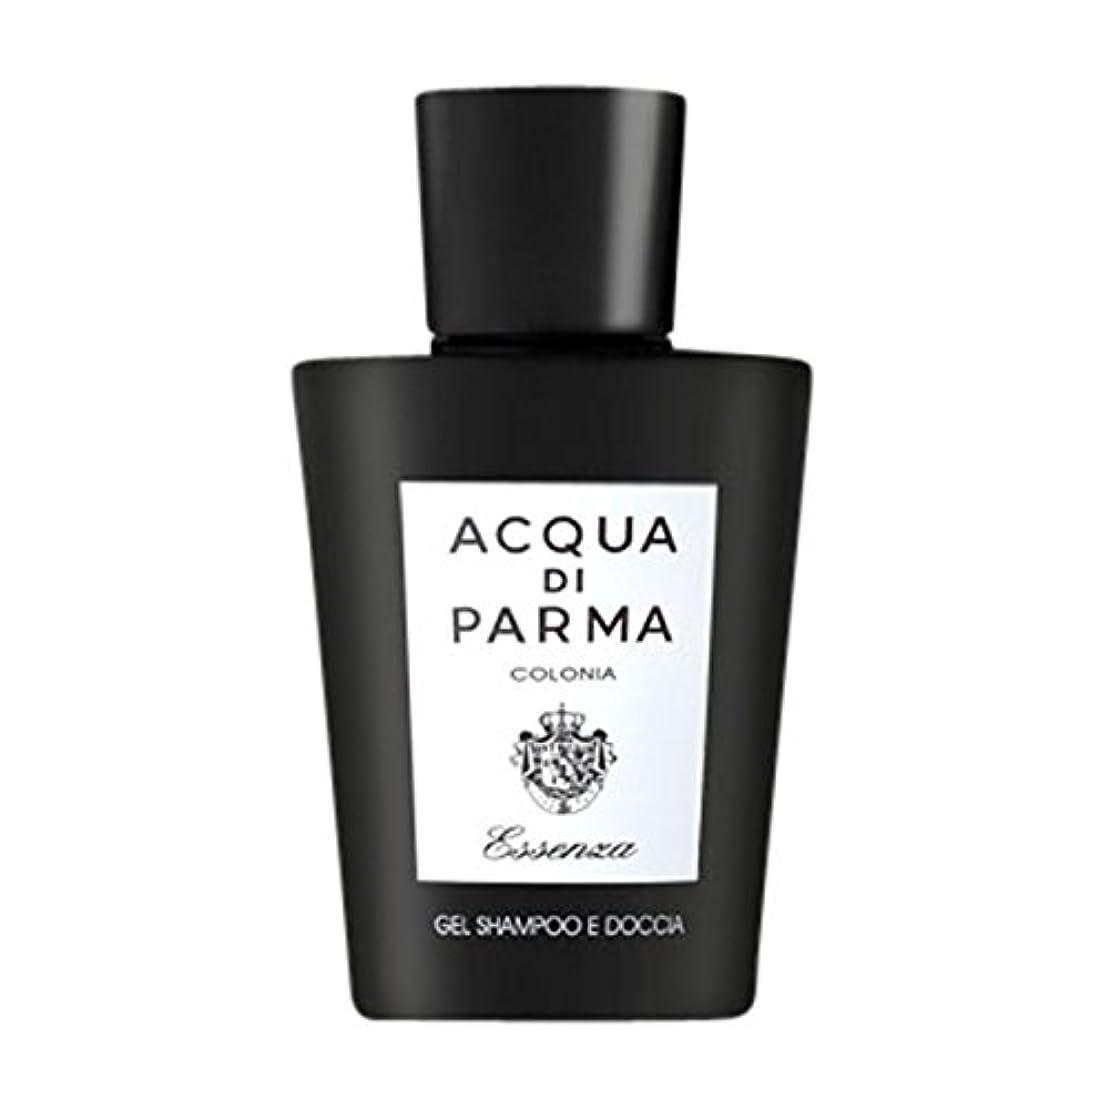 着陸シンプトン少ないアクアディパルマコロニアEssenza髪とシャワージェル200ミリリットル (Acqua di Parma) - Acqua di Parma Colonia Essenza Hair and Shower Gel 200ml...